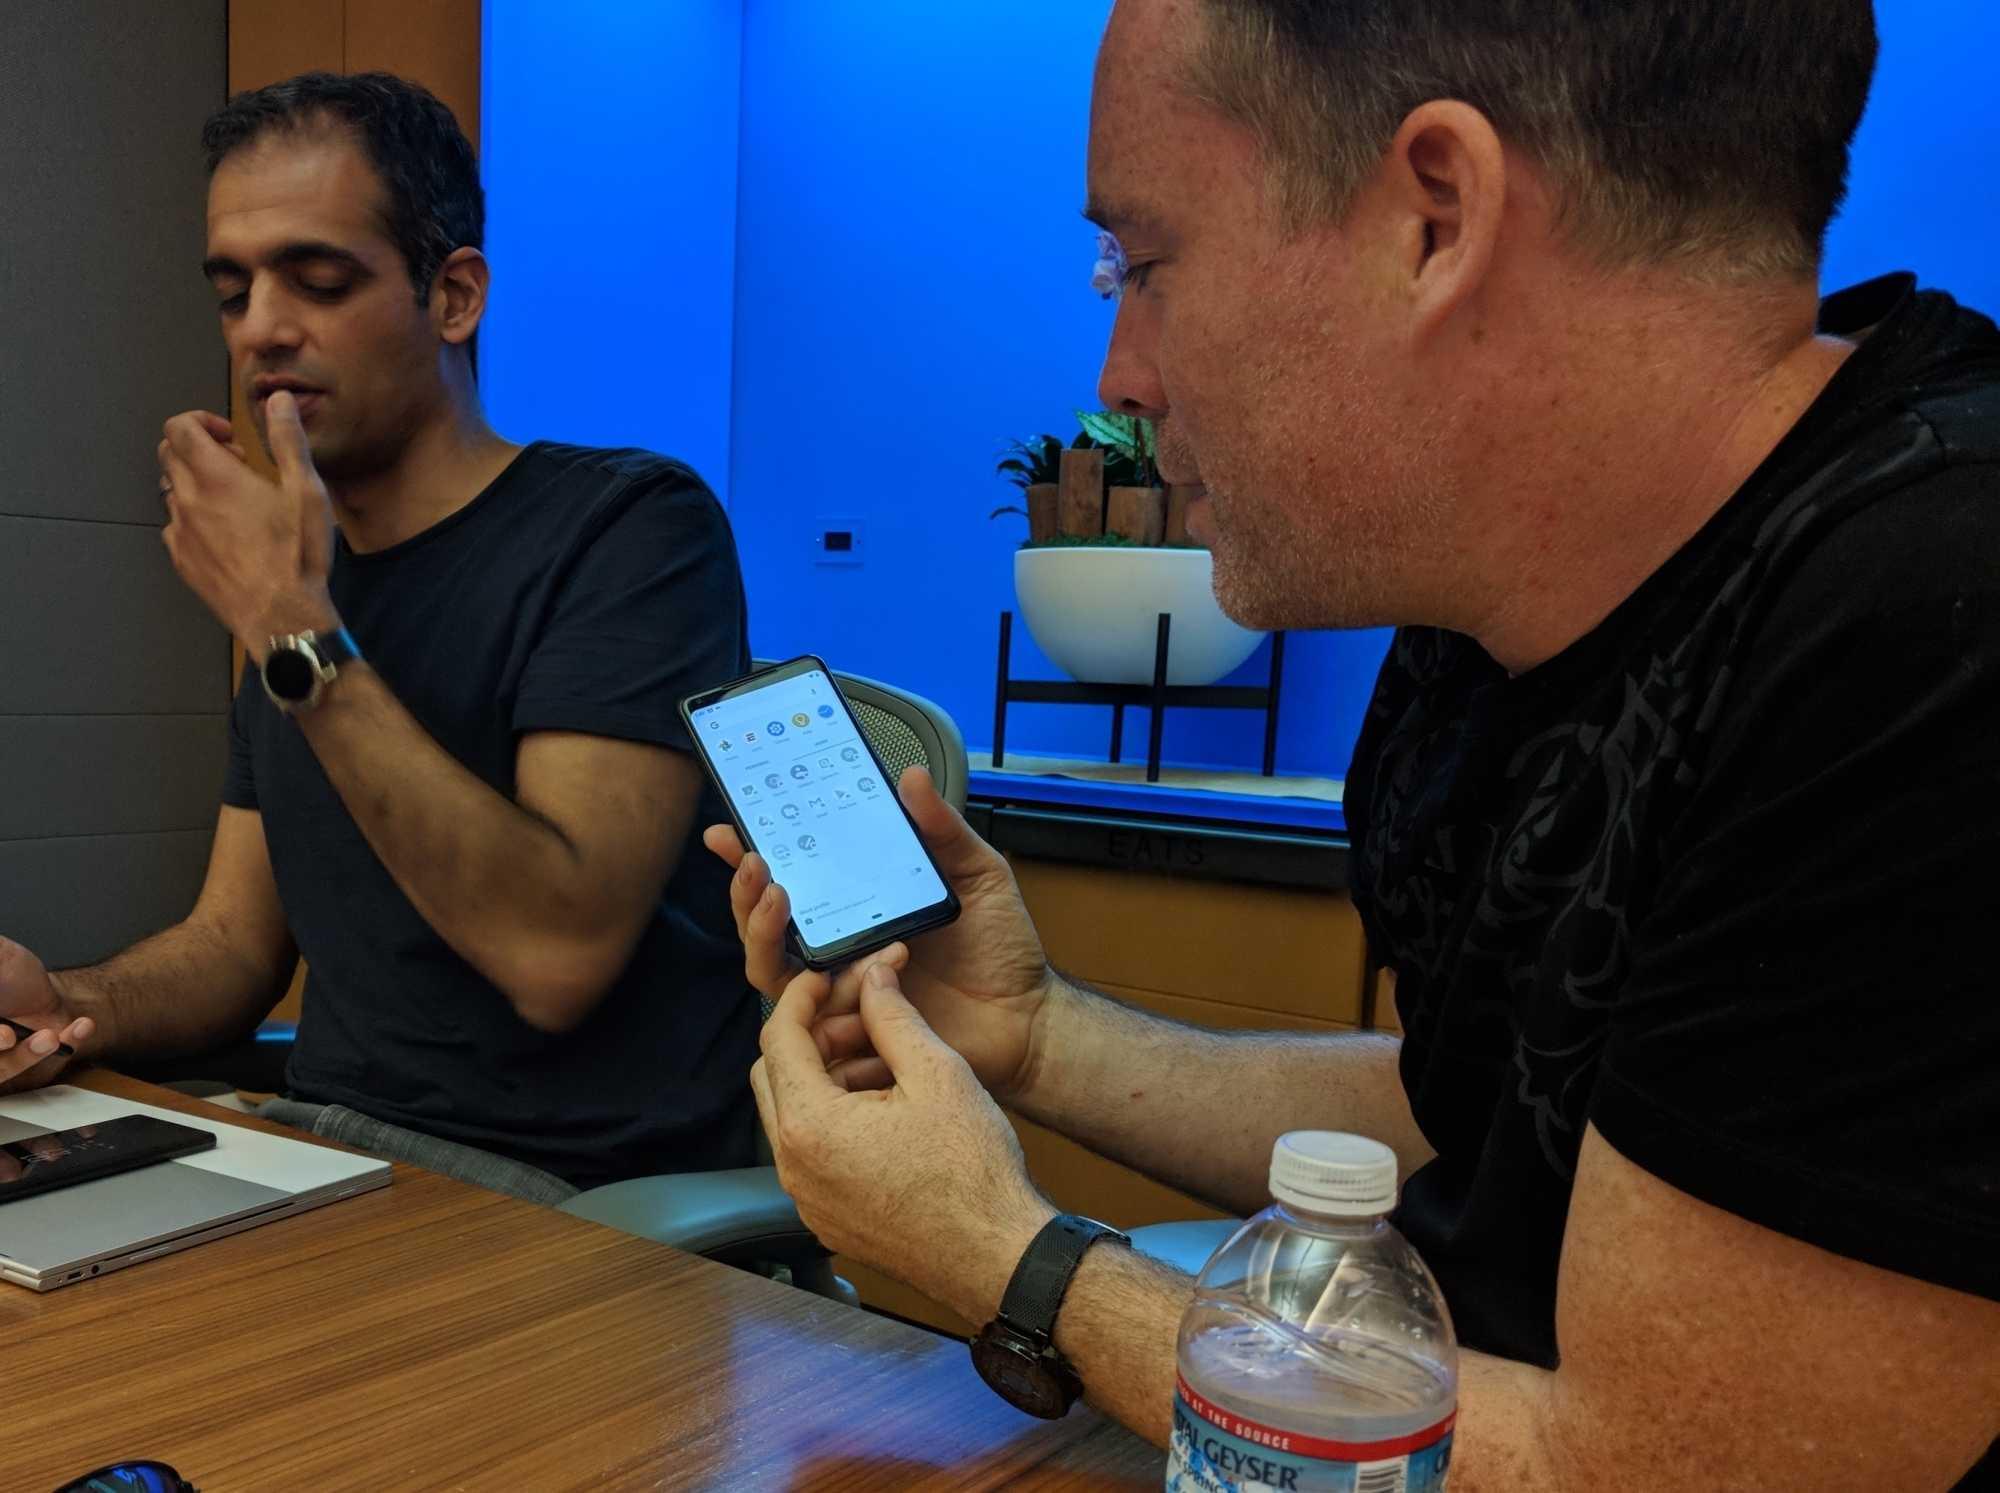 Mit Profilen lassen sich privat und beruflich genutzte Apps auf dem Smartphone trennen.